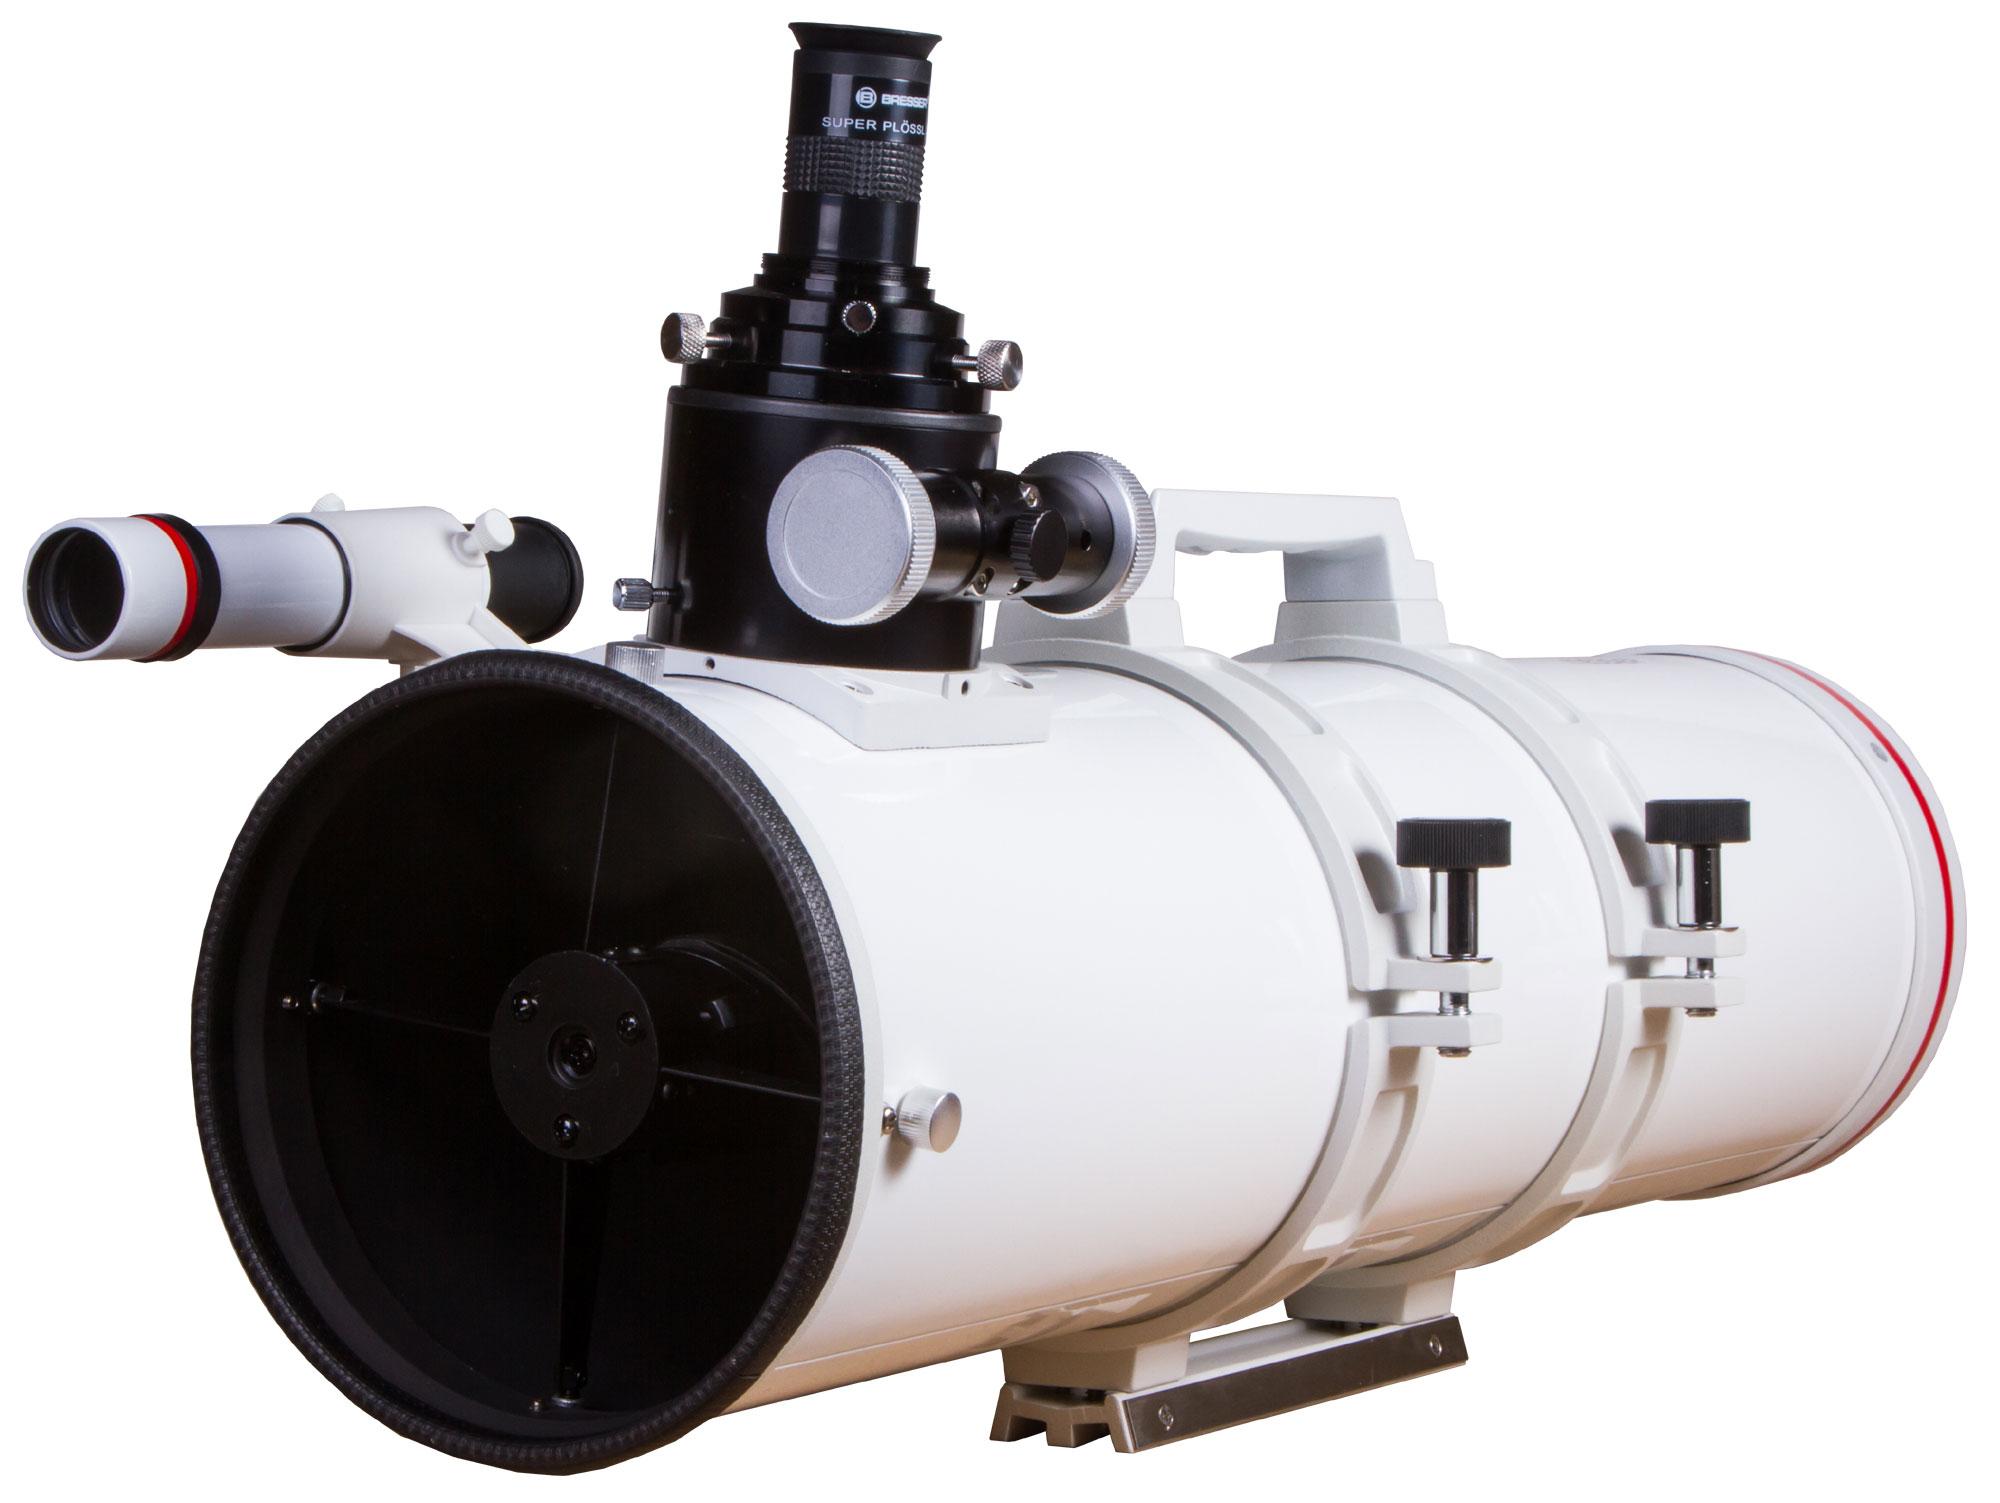 Картинка для Труба оптическая Bresser (Брессер) Messier NT-150S/750 Hexafoc